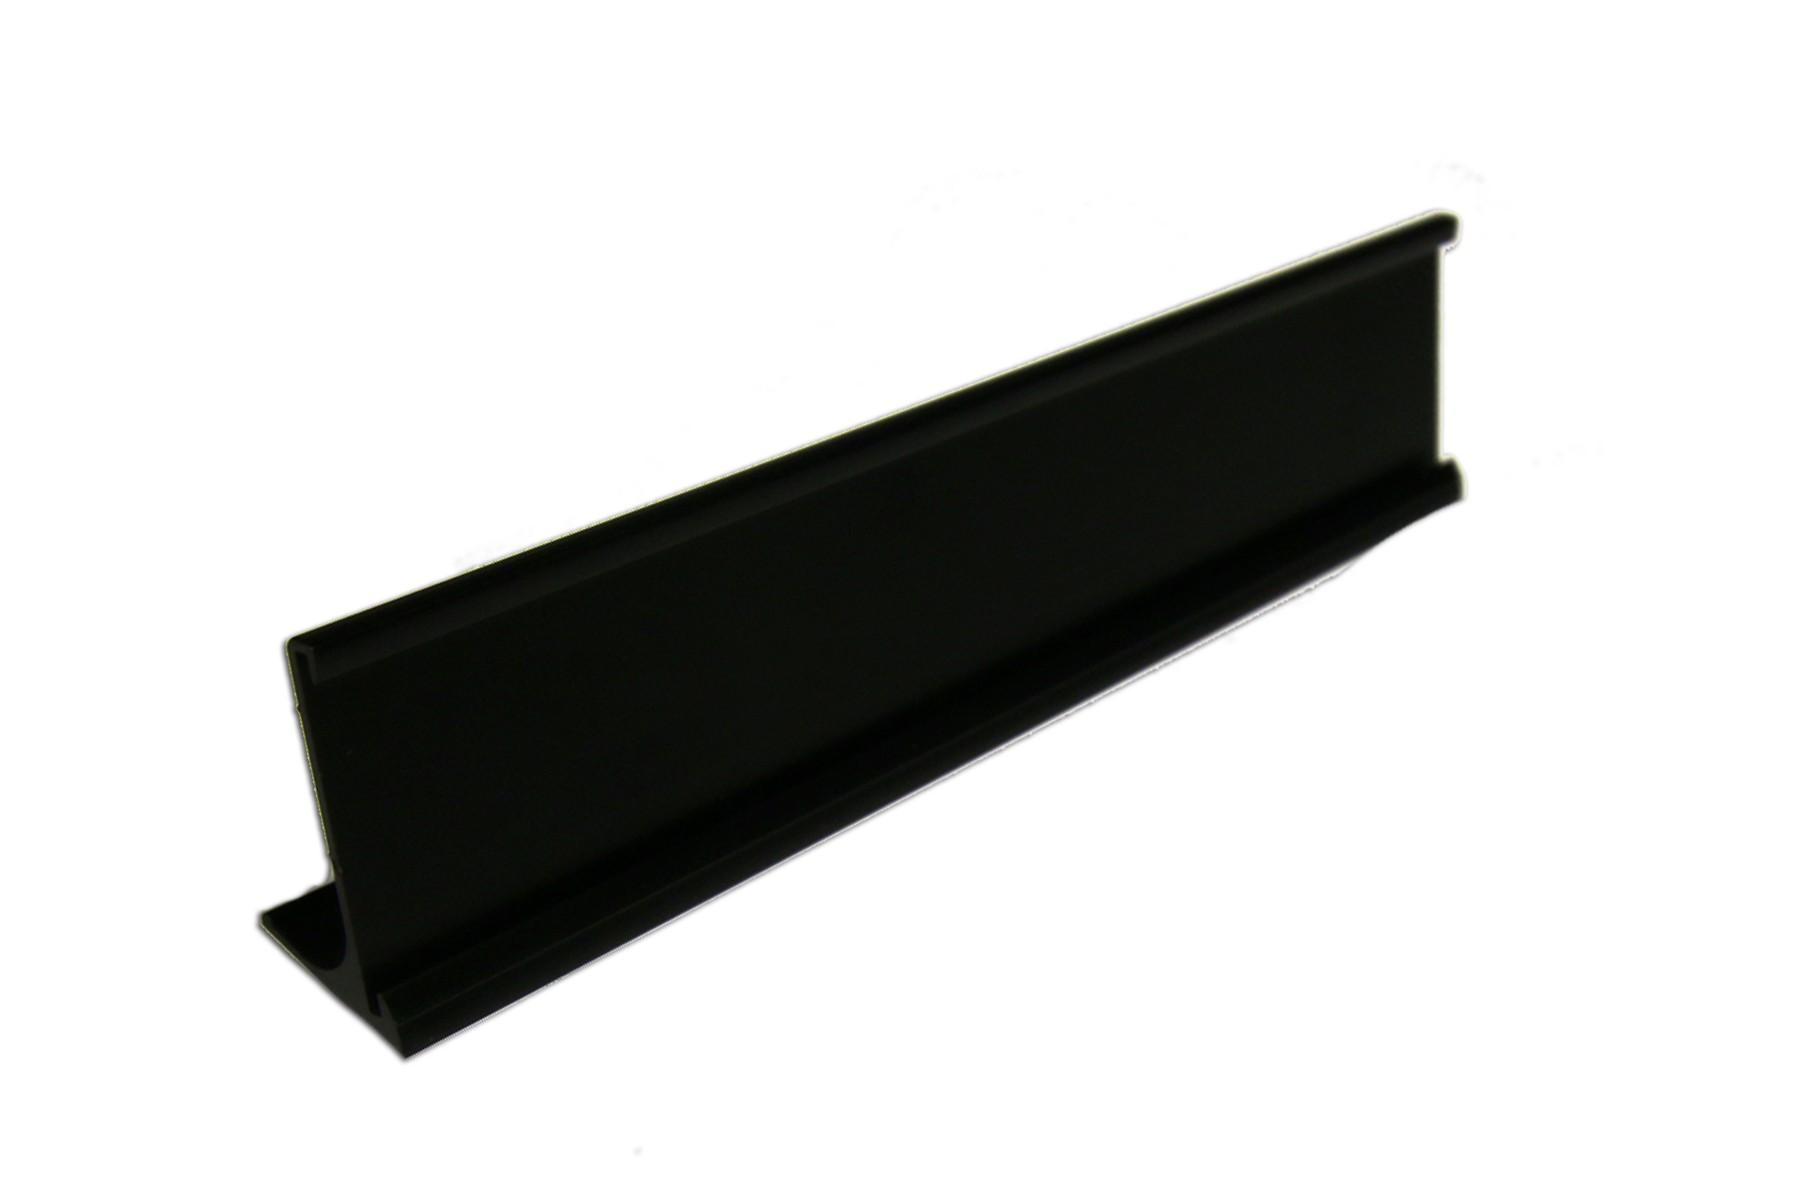 1-1/2 x 8 Desk Holder, Black